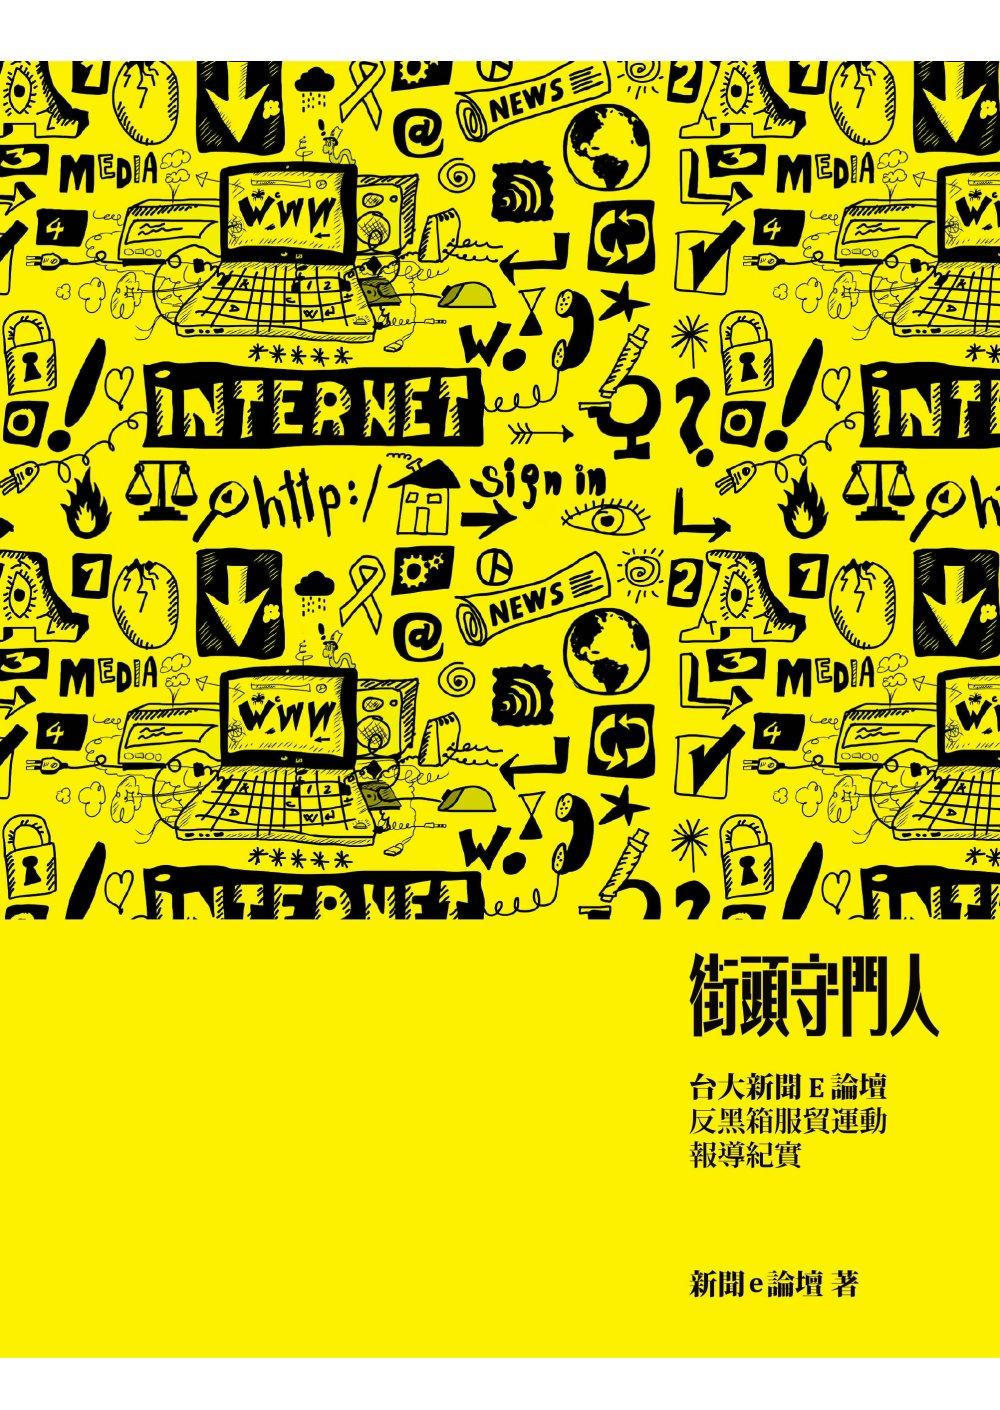 街頭守門人:台大新聞E論壇反黑箱服貿運動報導紀實